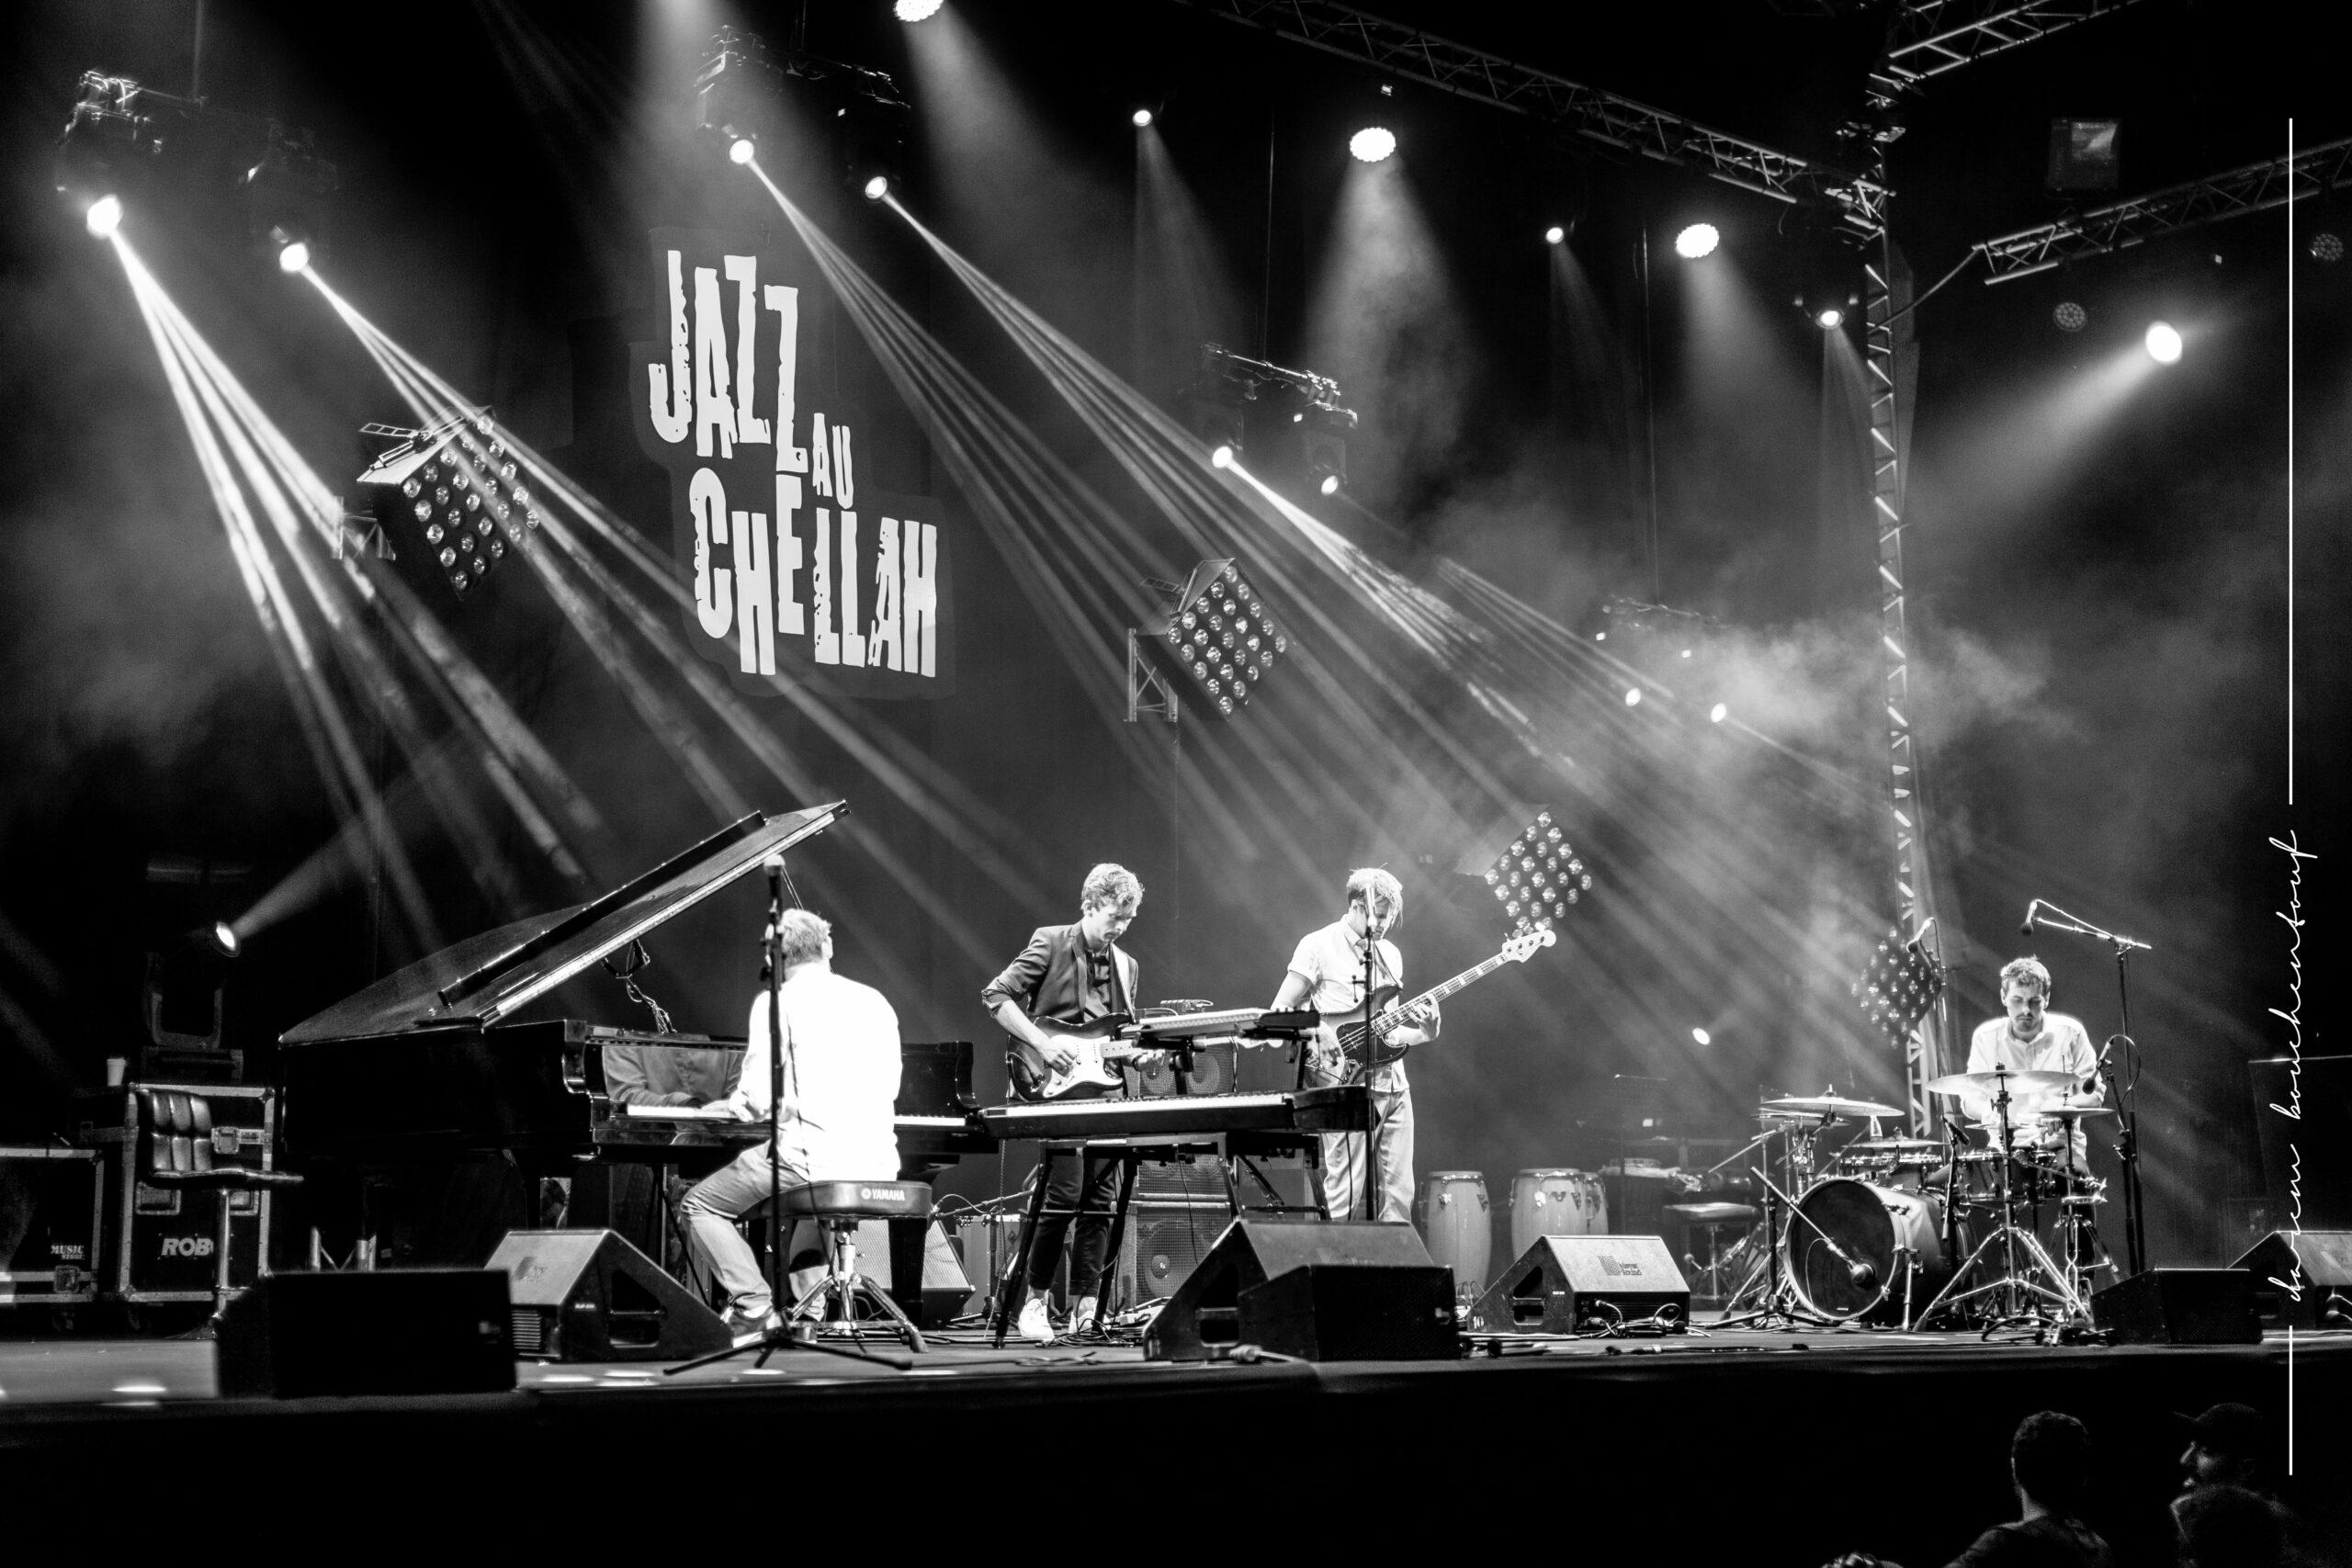 Jazz au chellah 2017